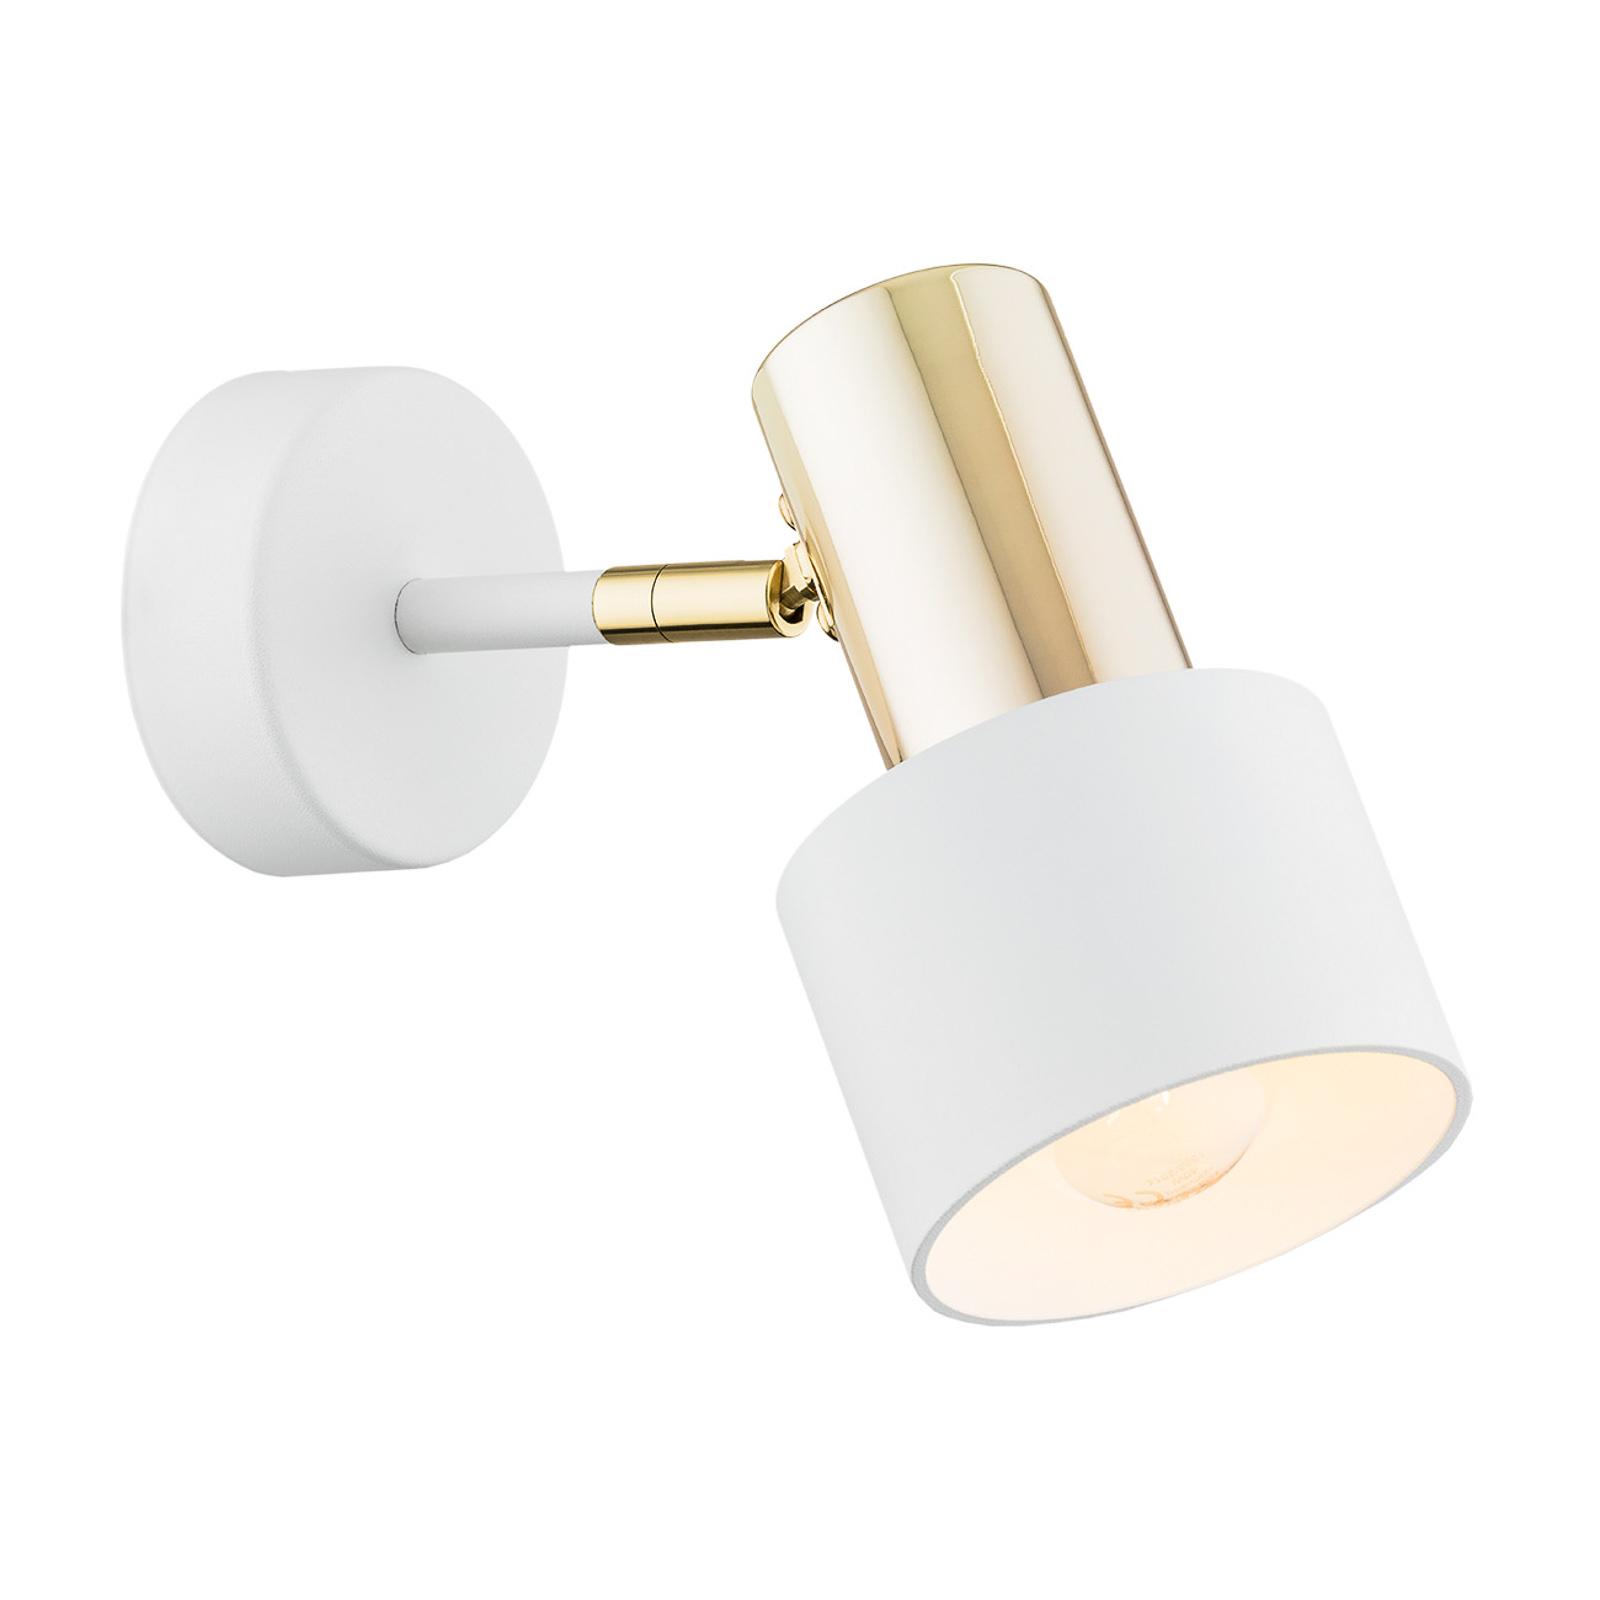 Destin vægspot, 1 lyskilde, hvid/messing